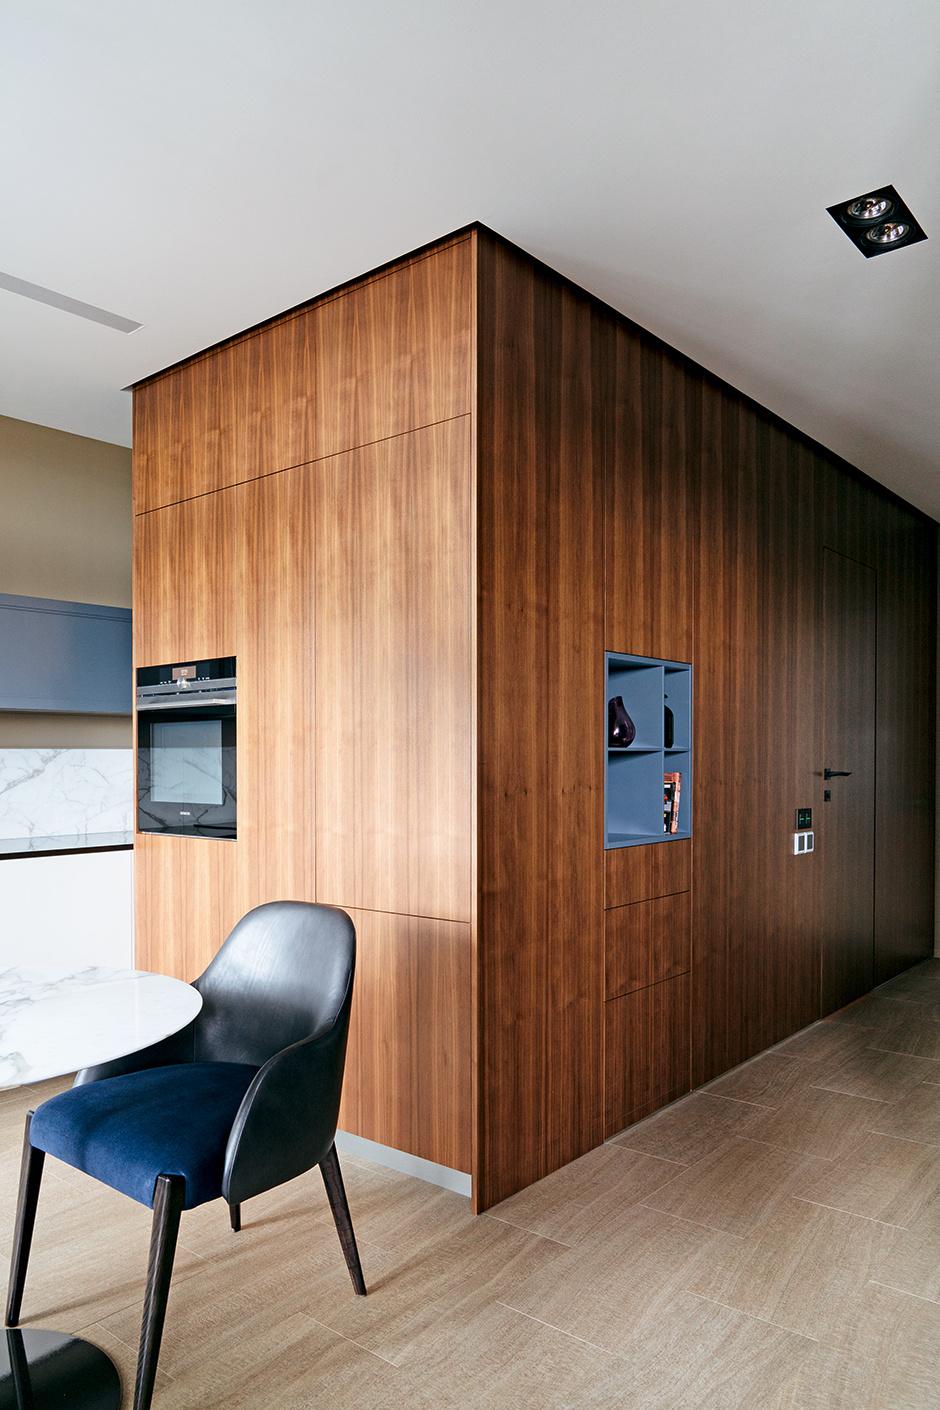 Маленькая квартира  дизайн маленькой квартиры Дизайн маленькой квартиры  1 a00670625443c05e767d0070e5984db4  0xc0a839a4 861708141485937632